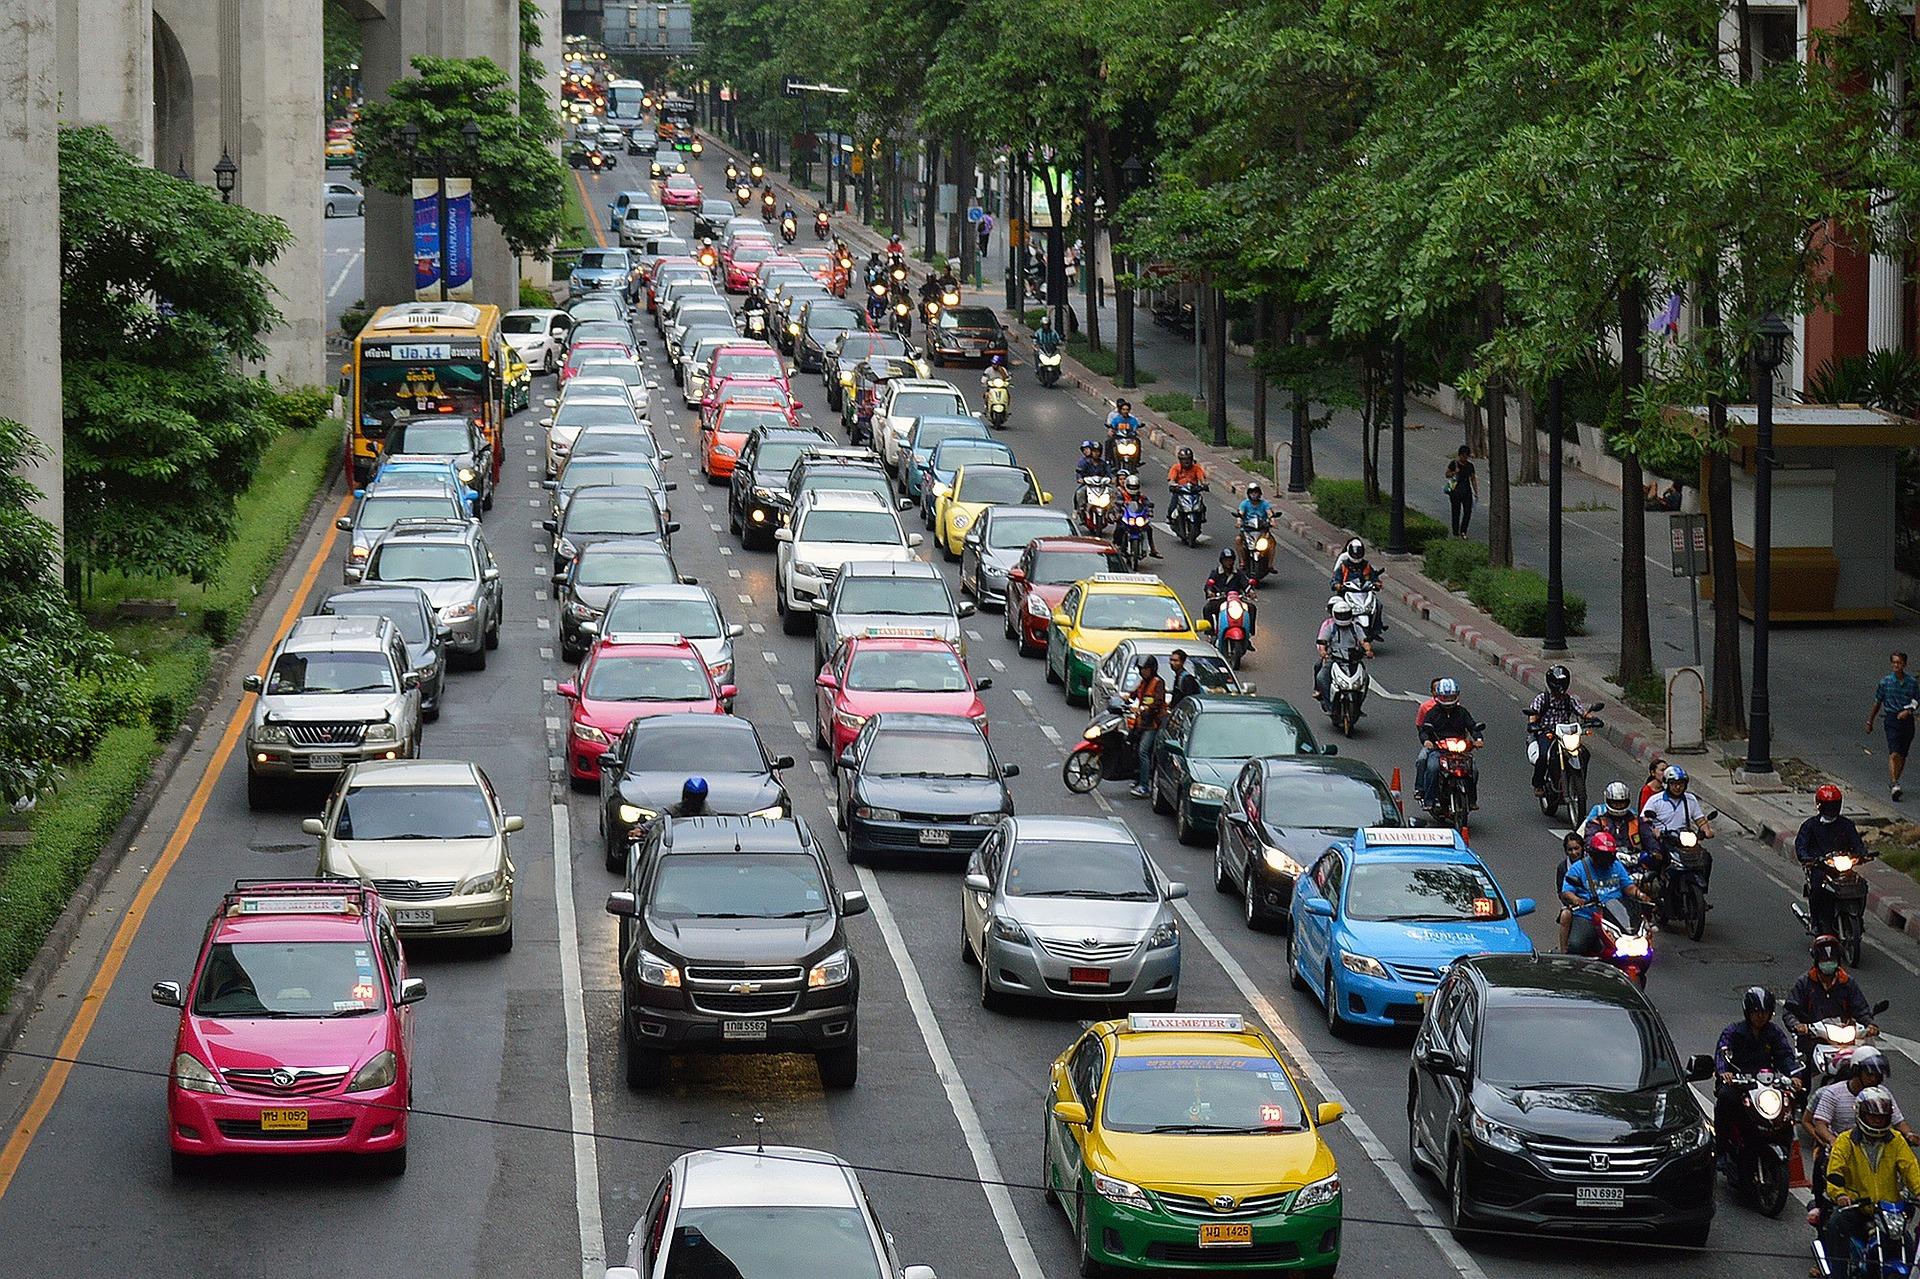 Goldman projects transportation fuel demand will peak in 2026